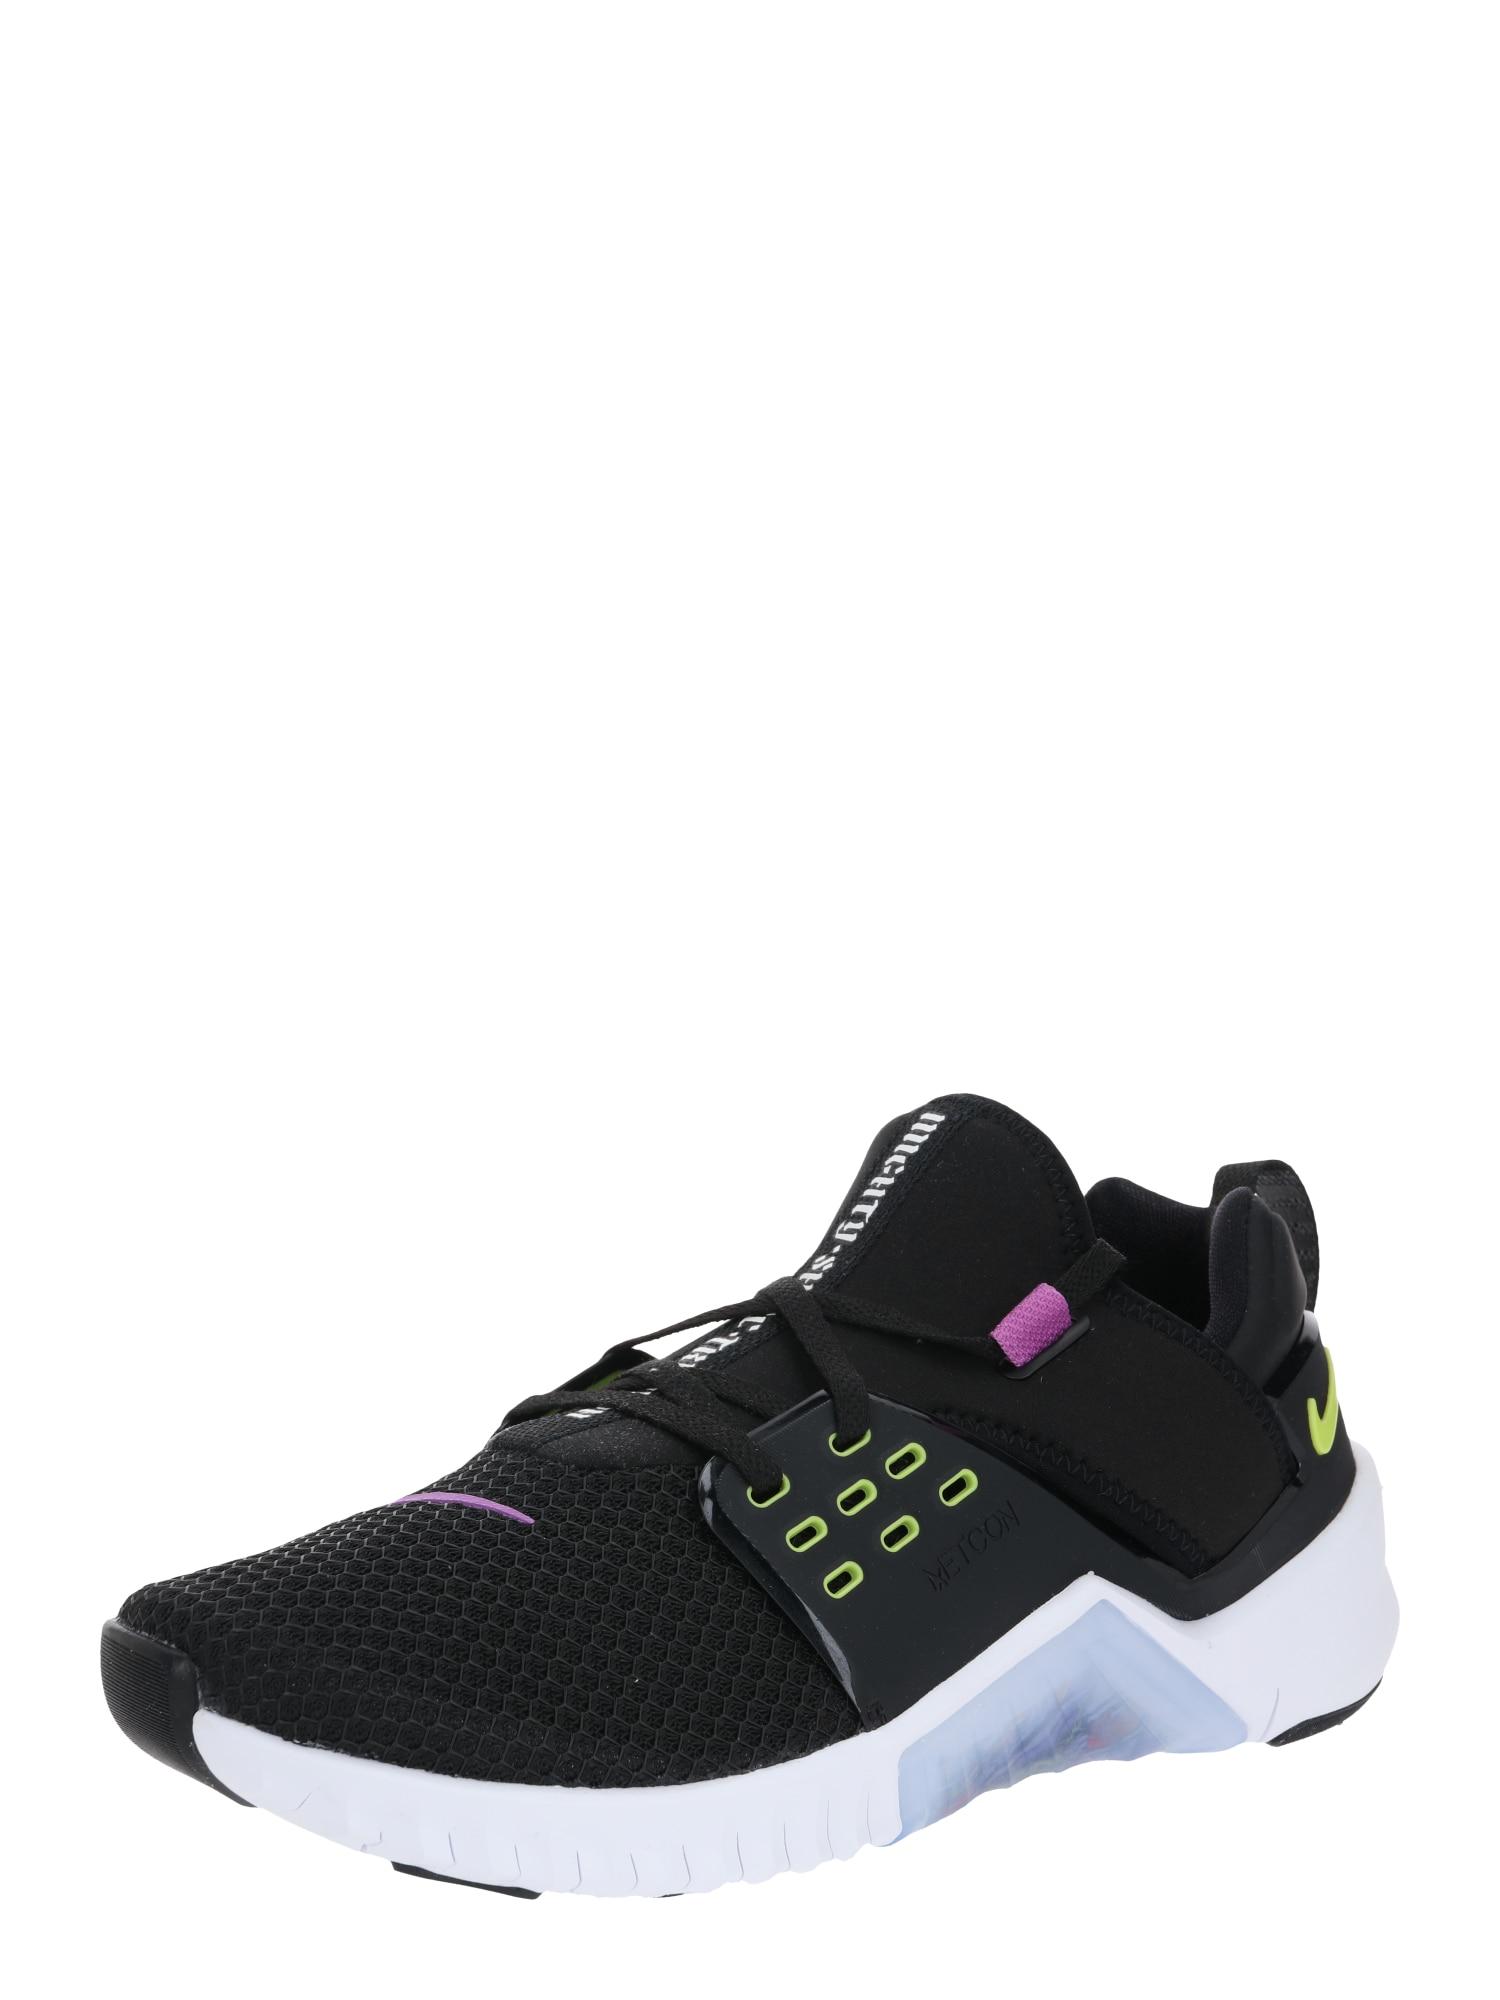 NIKE Bėgimo batai 'FREE METCON 2' juoda